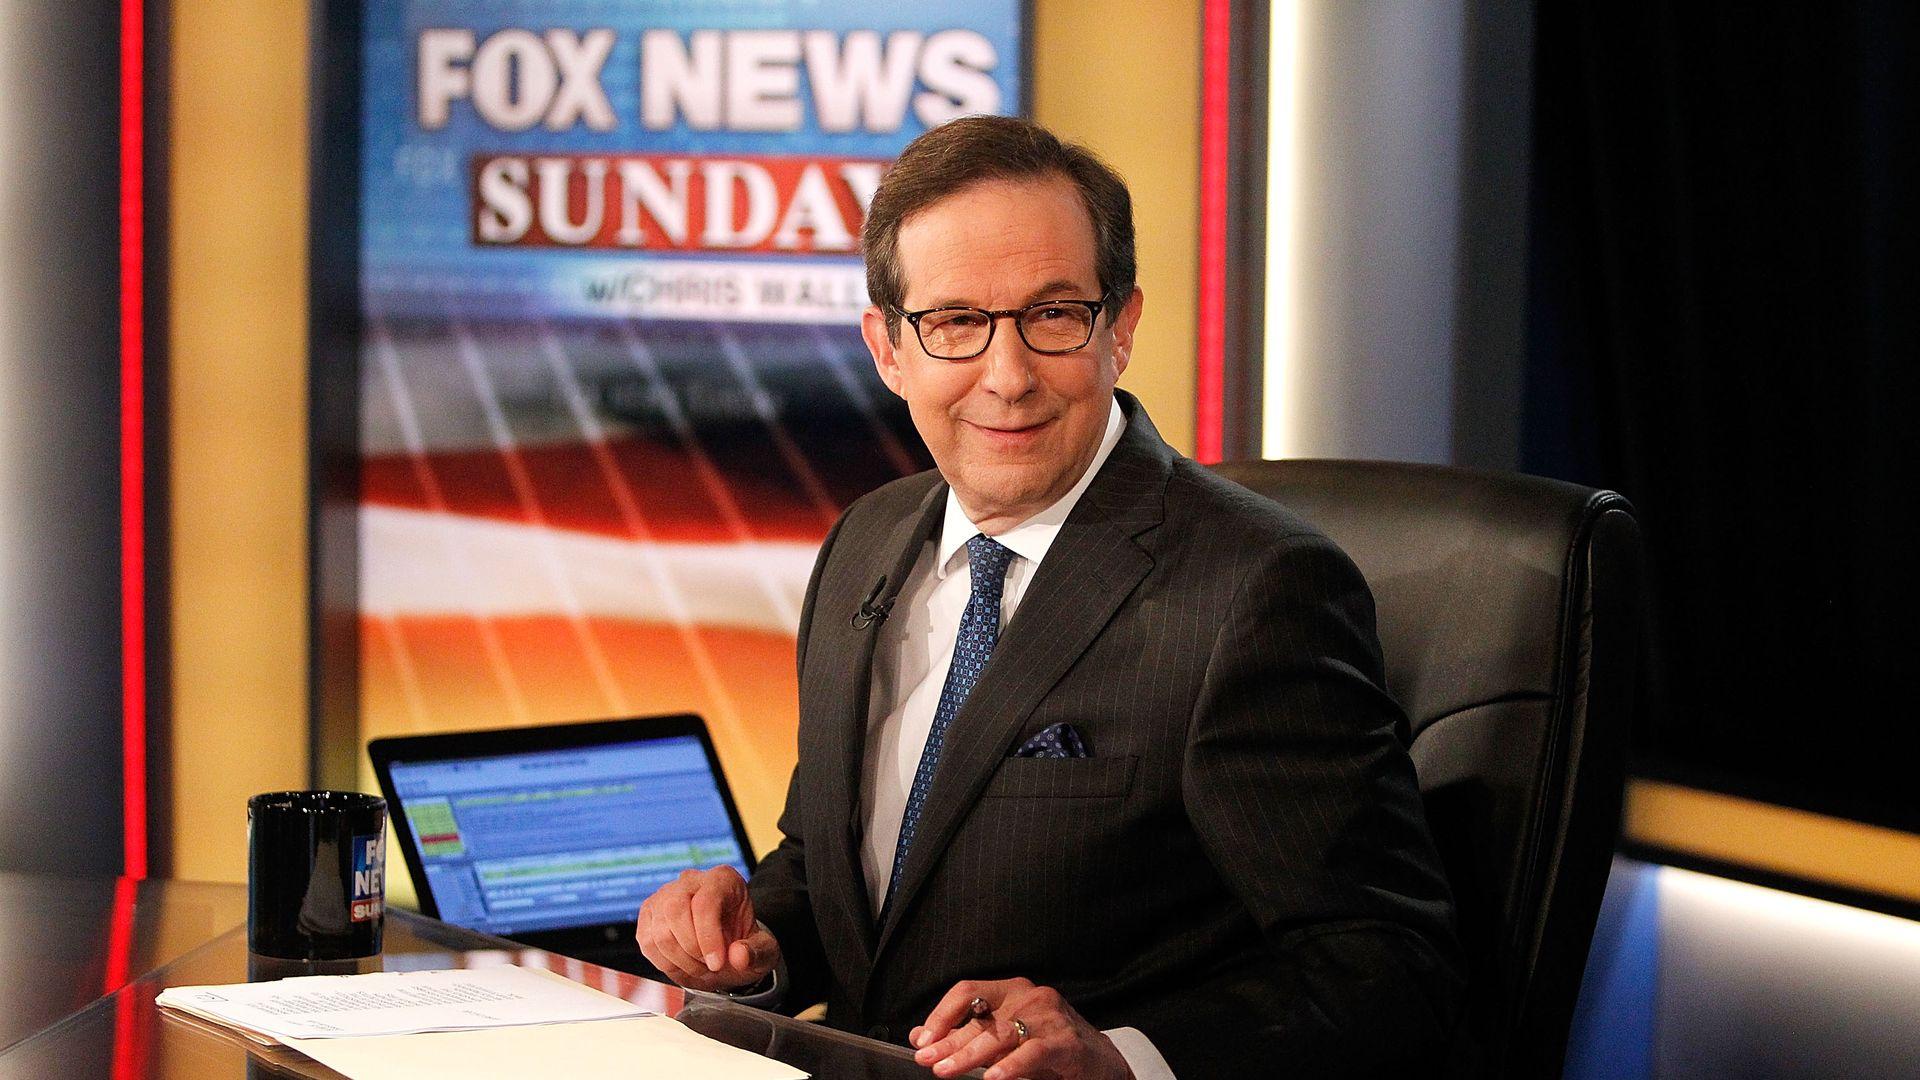 Chris Wallace, Fox News host.